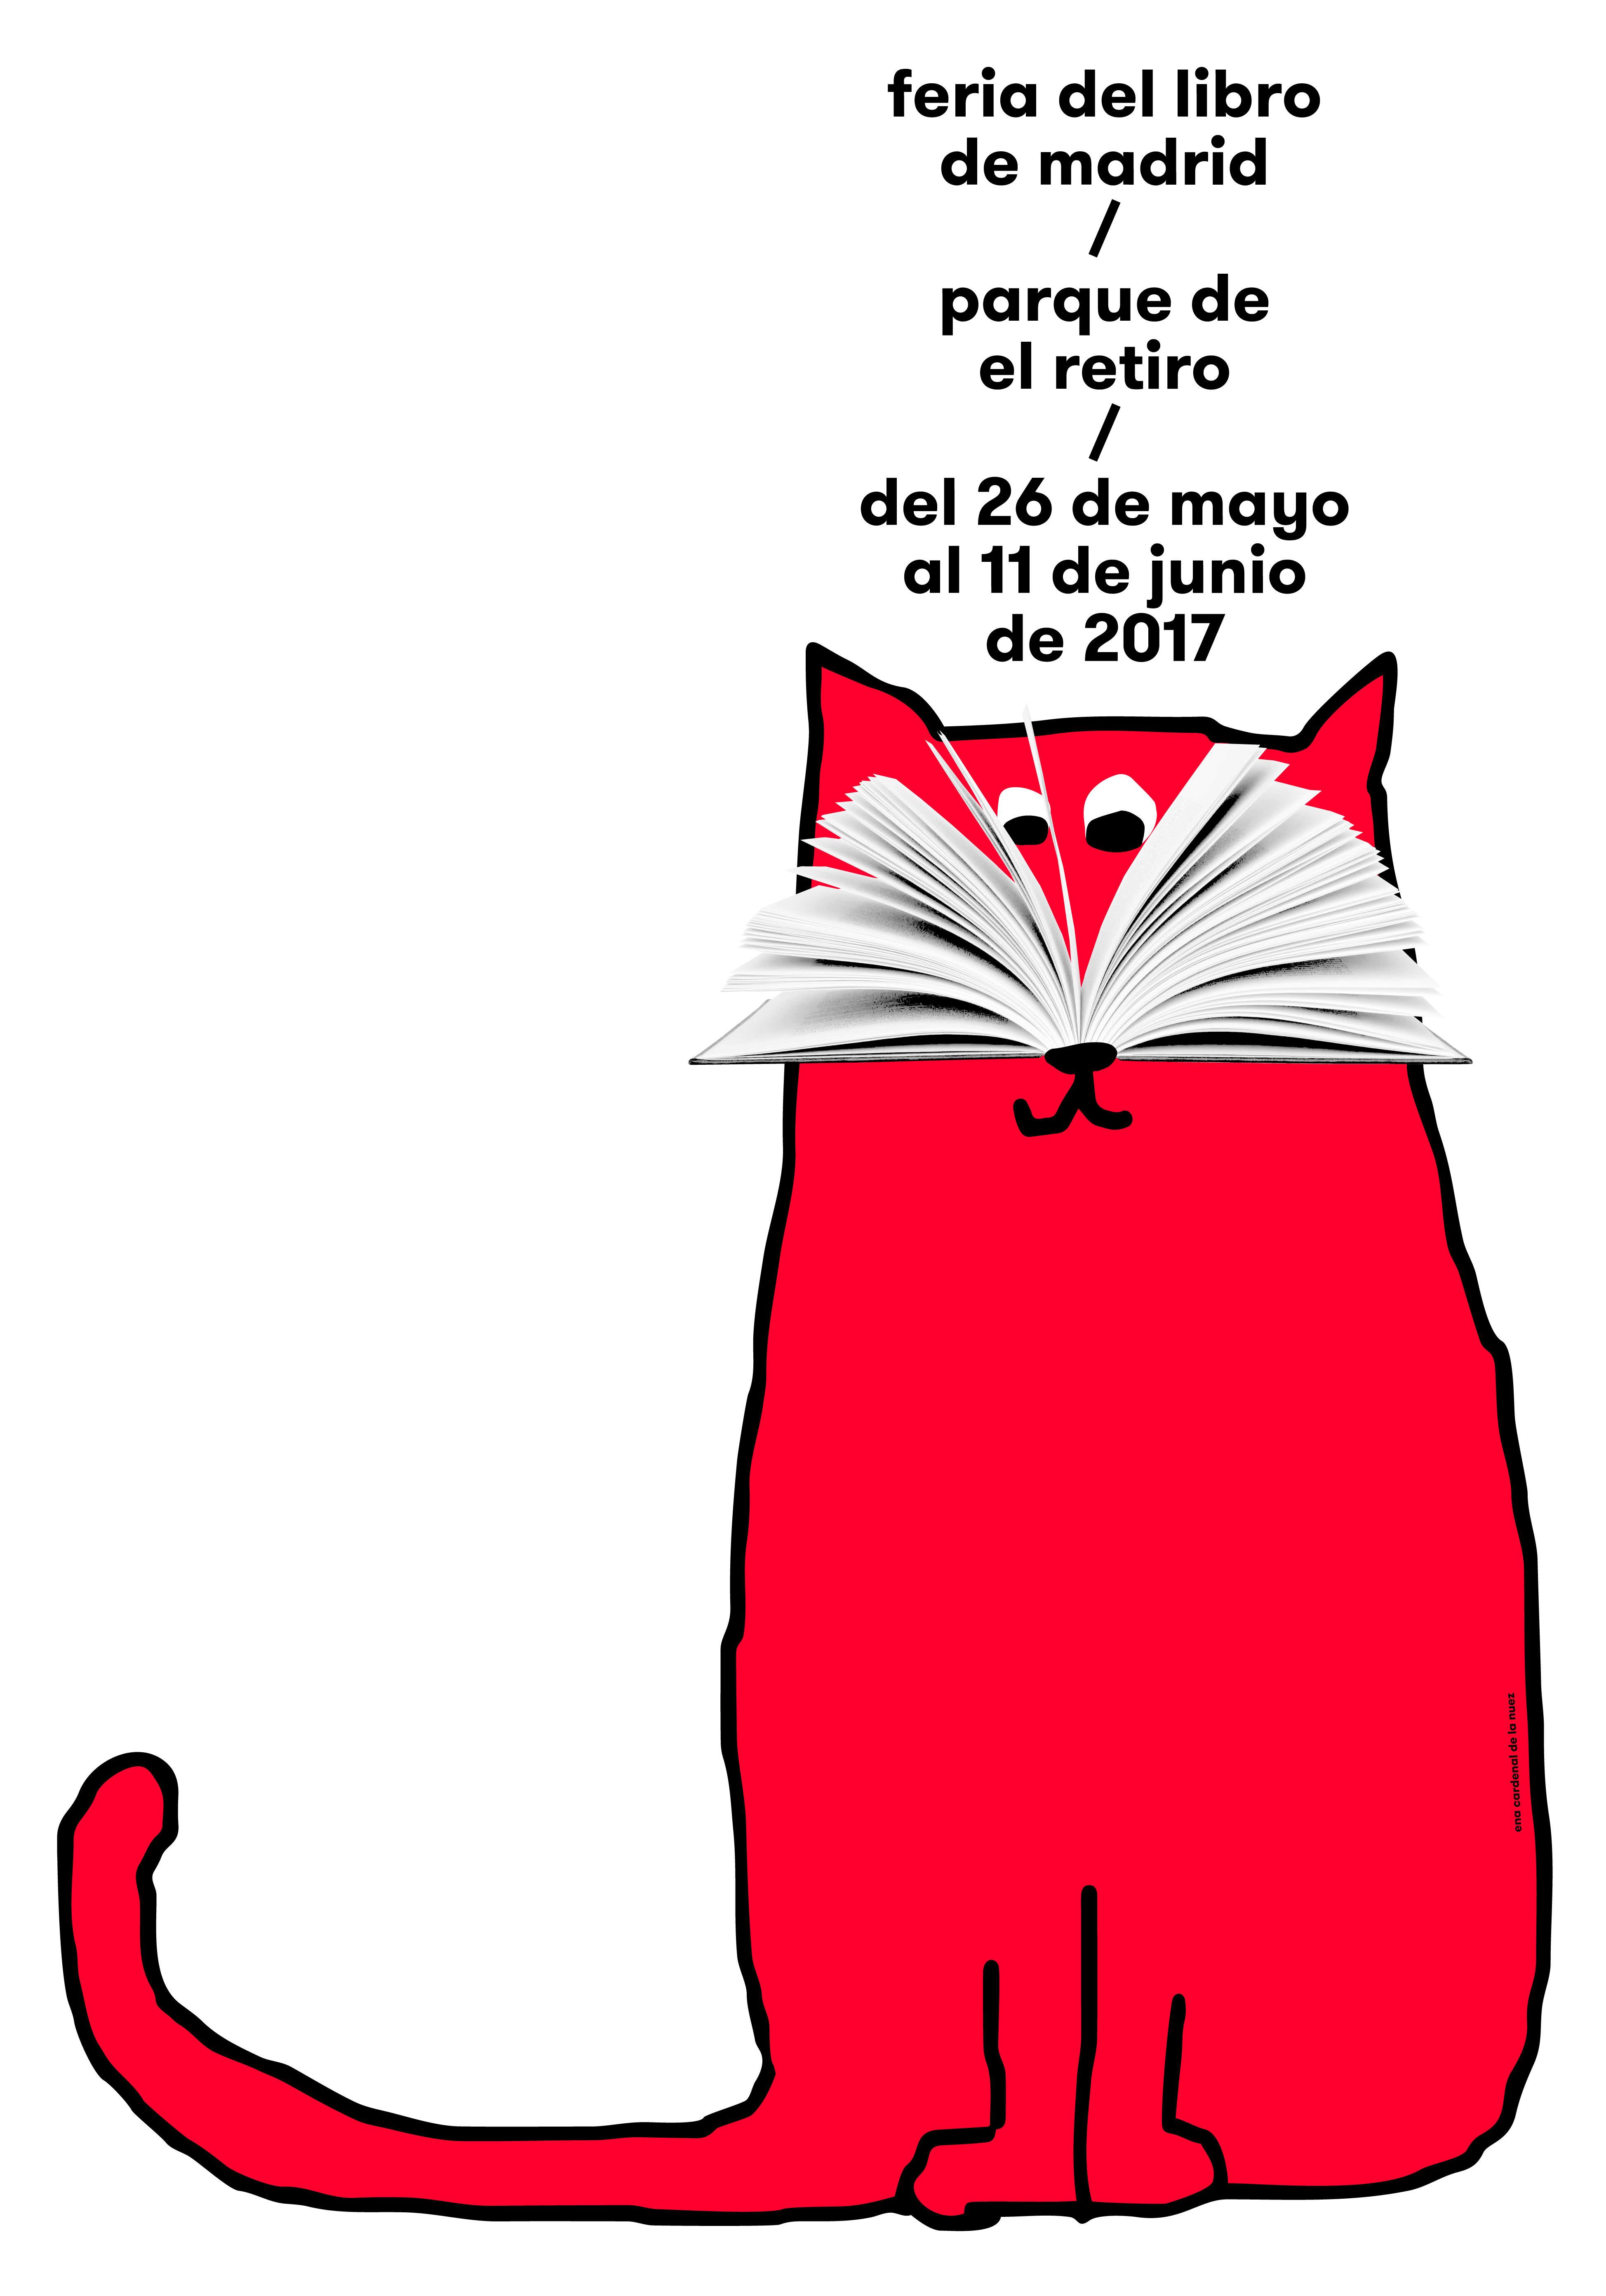 Cartel de la Feria Libro Madrid de 2017, diseñado por Ena Cardenal de la Nuez.